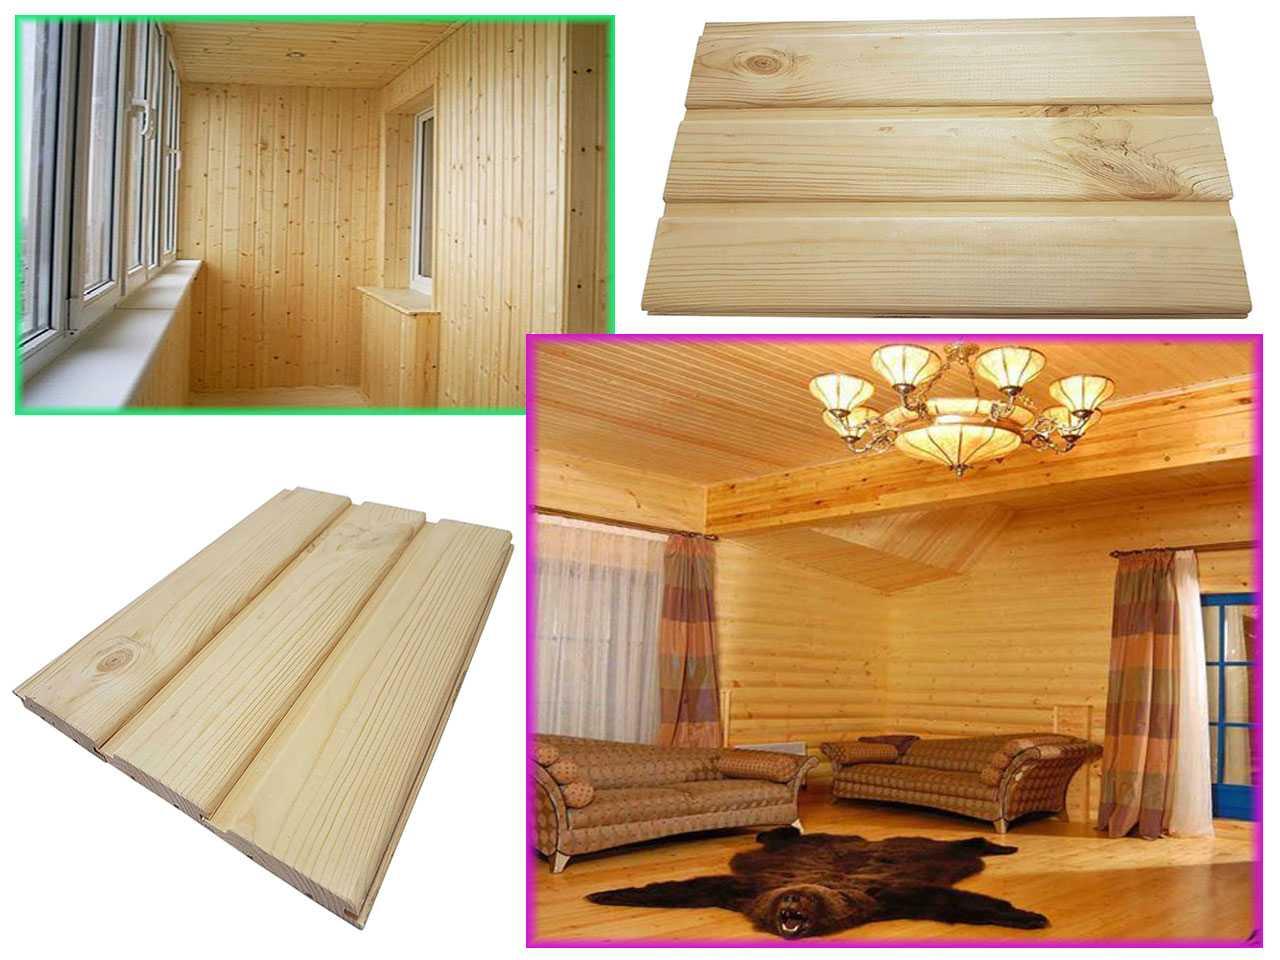 Вагонка деревянная сосна , евровагонка 75x13 мм Качественный отделочный материал по лучшей цене.